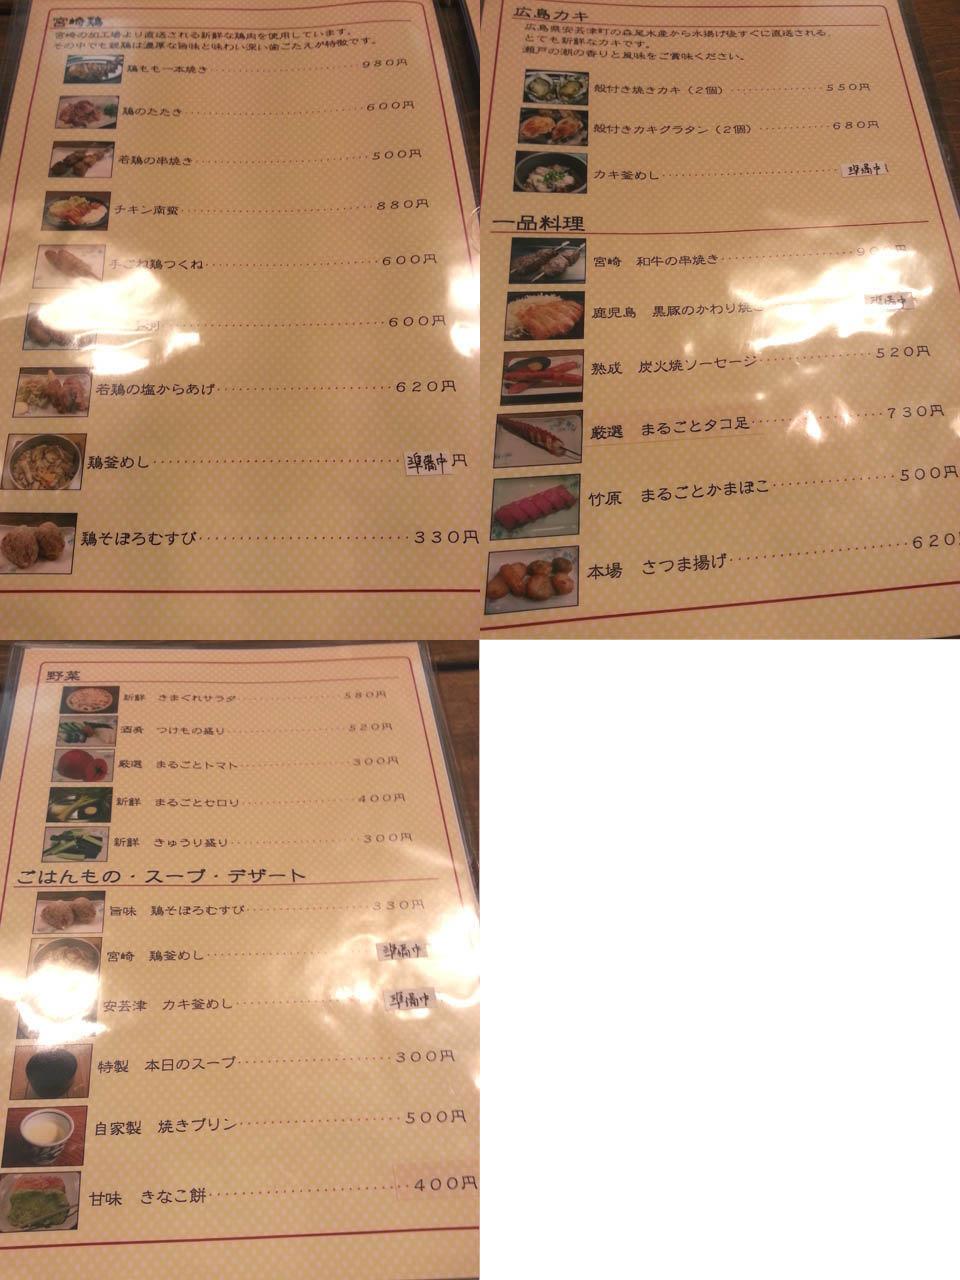 ittaka_016_new_0001.jpg